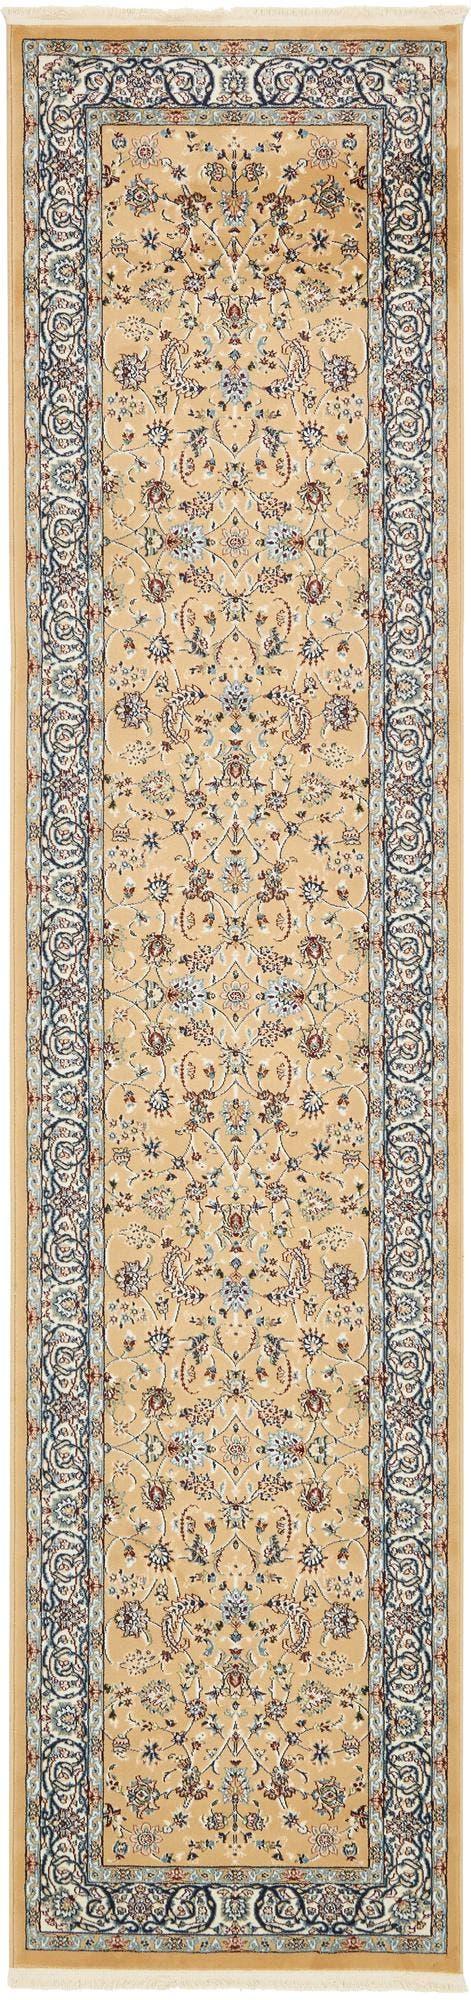 3' x 13' Nain Design Runner Rug main image